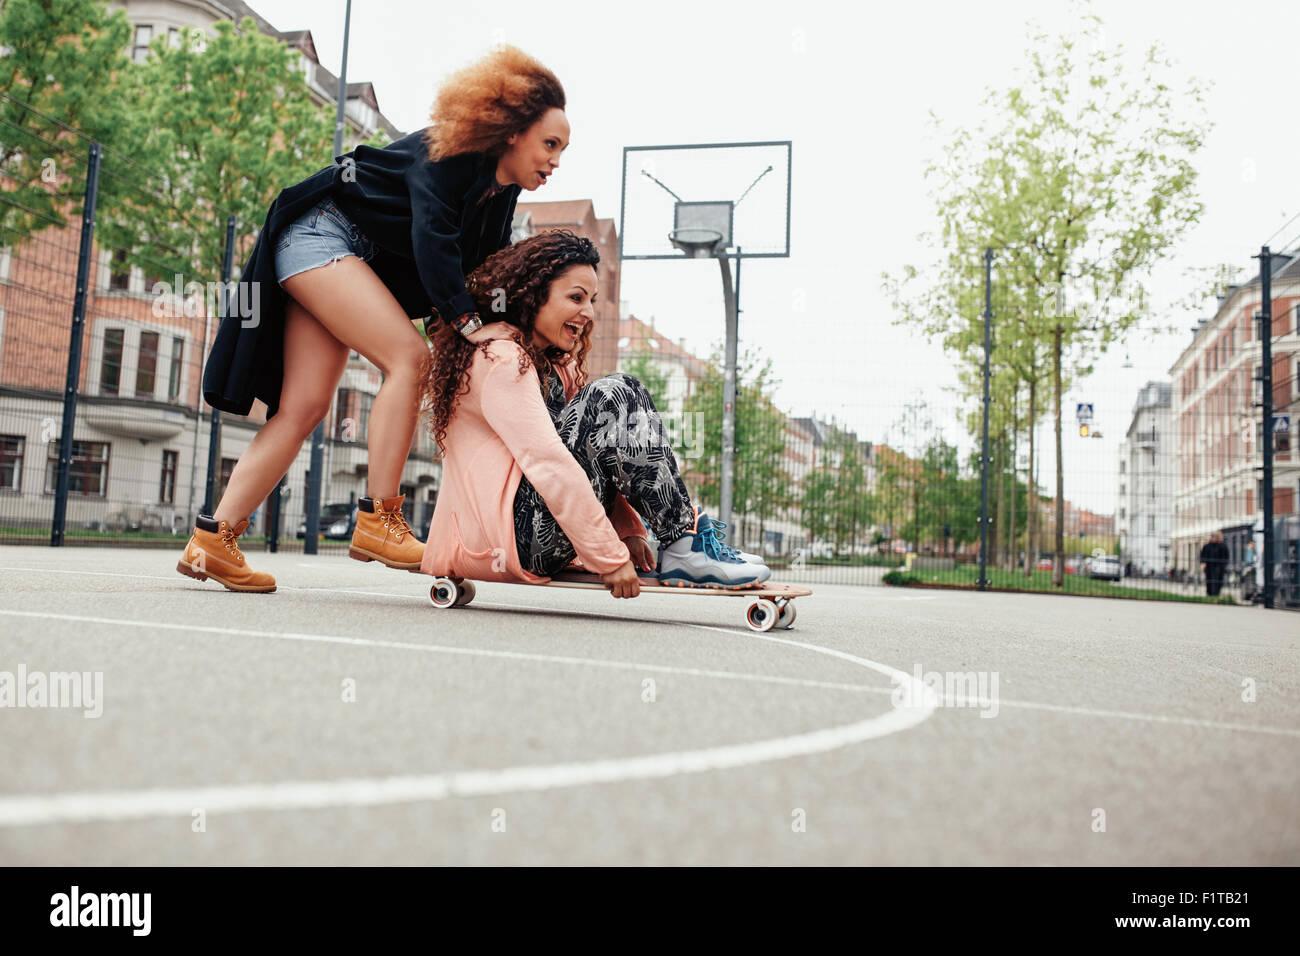 Frau schob ihre Freundin auf Skateboard. Junge Frauen Spaß zusammen im Freien. Stockbild